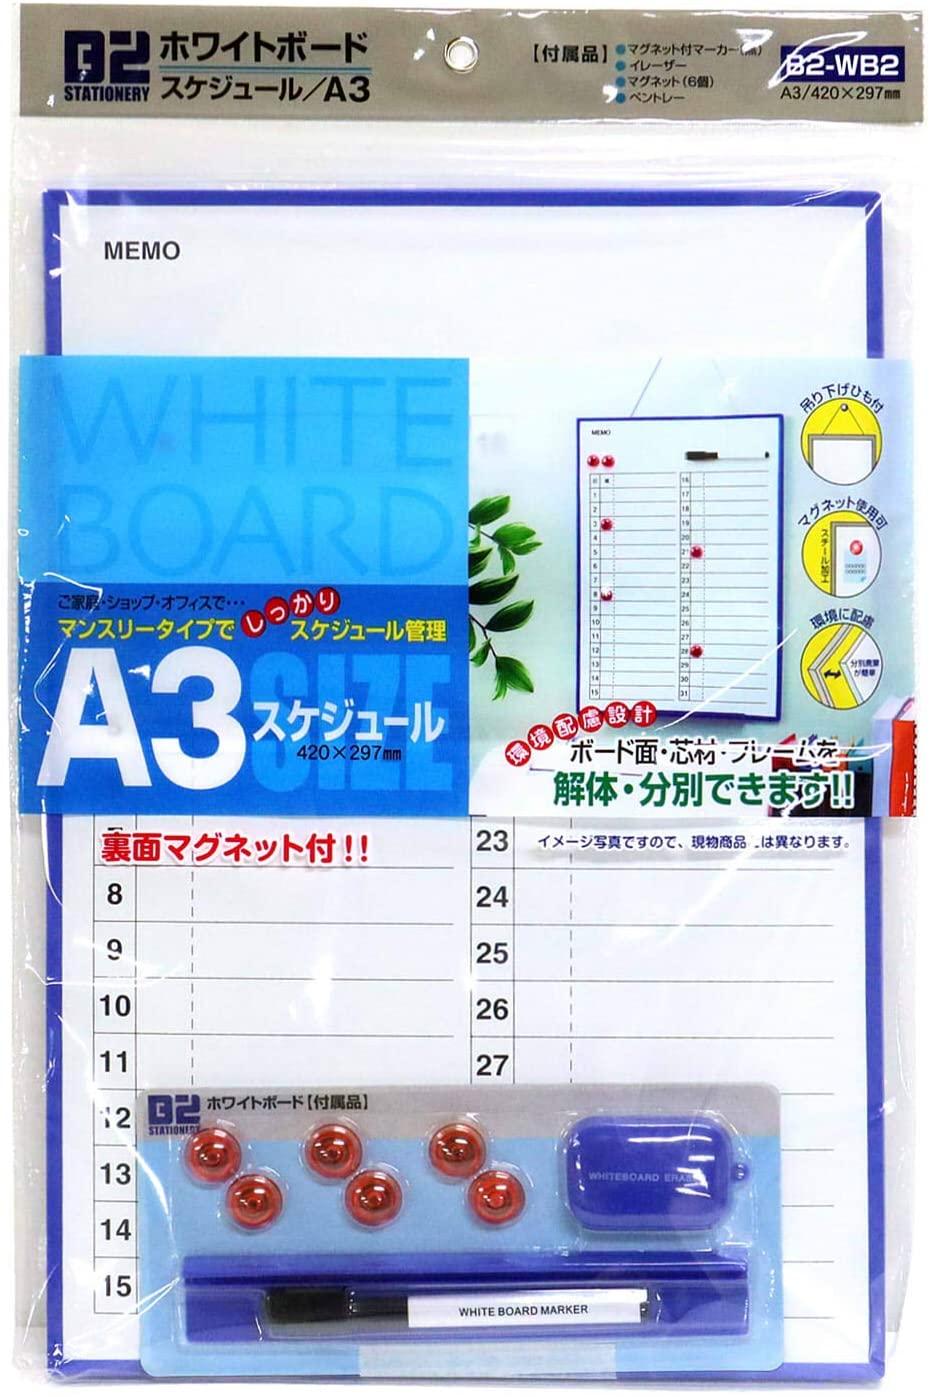 ニッケン文具 B2 ホワイトボード スケジュール 卓出 A3 今ダケ送料無料 B2WB2